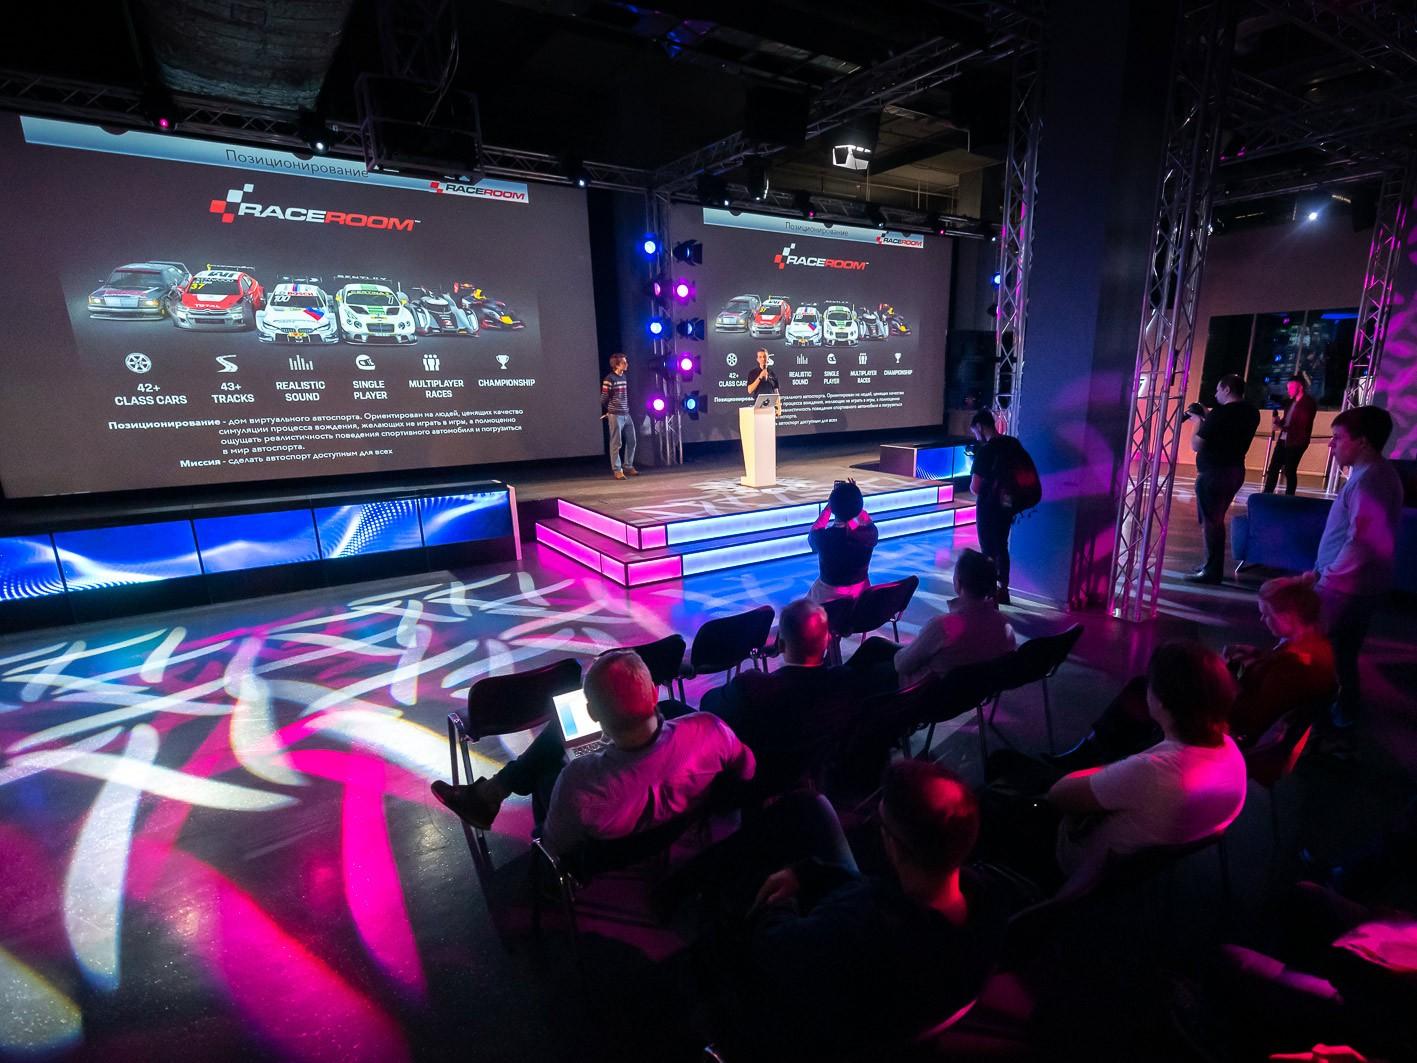 Гранд-Финал крупнейшего киберспортивного события в СНГ за звание чемпиона LADAe-Championship 2019